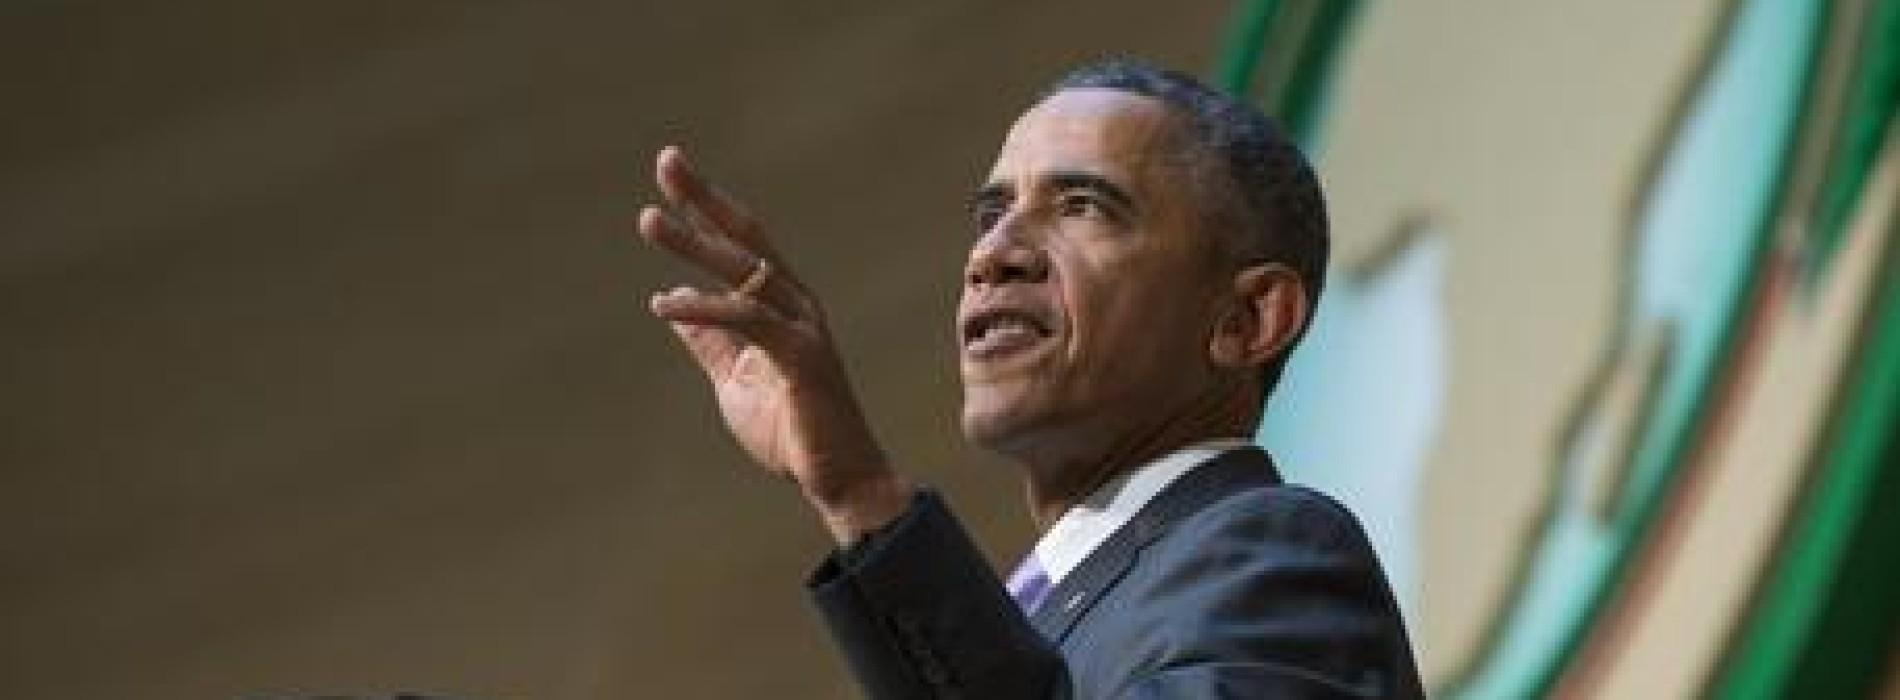 """Obama """"L'Africa è in movimento, corre: la povertà diminuisce, i redditi salgono e la classe media è in crescita"""""""